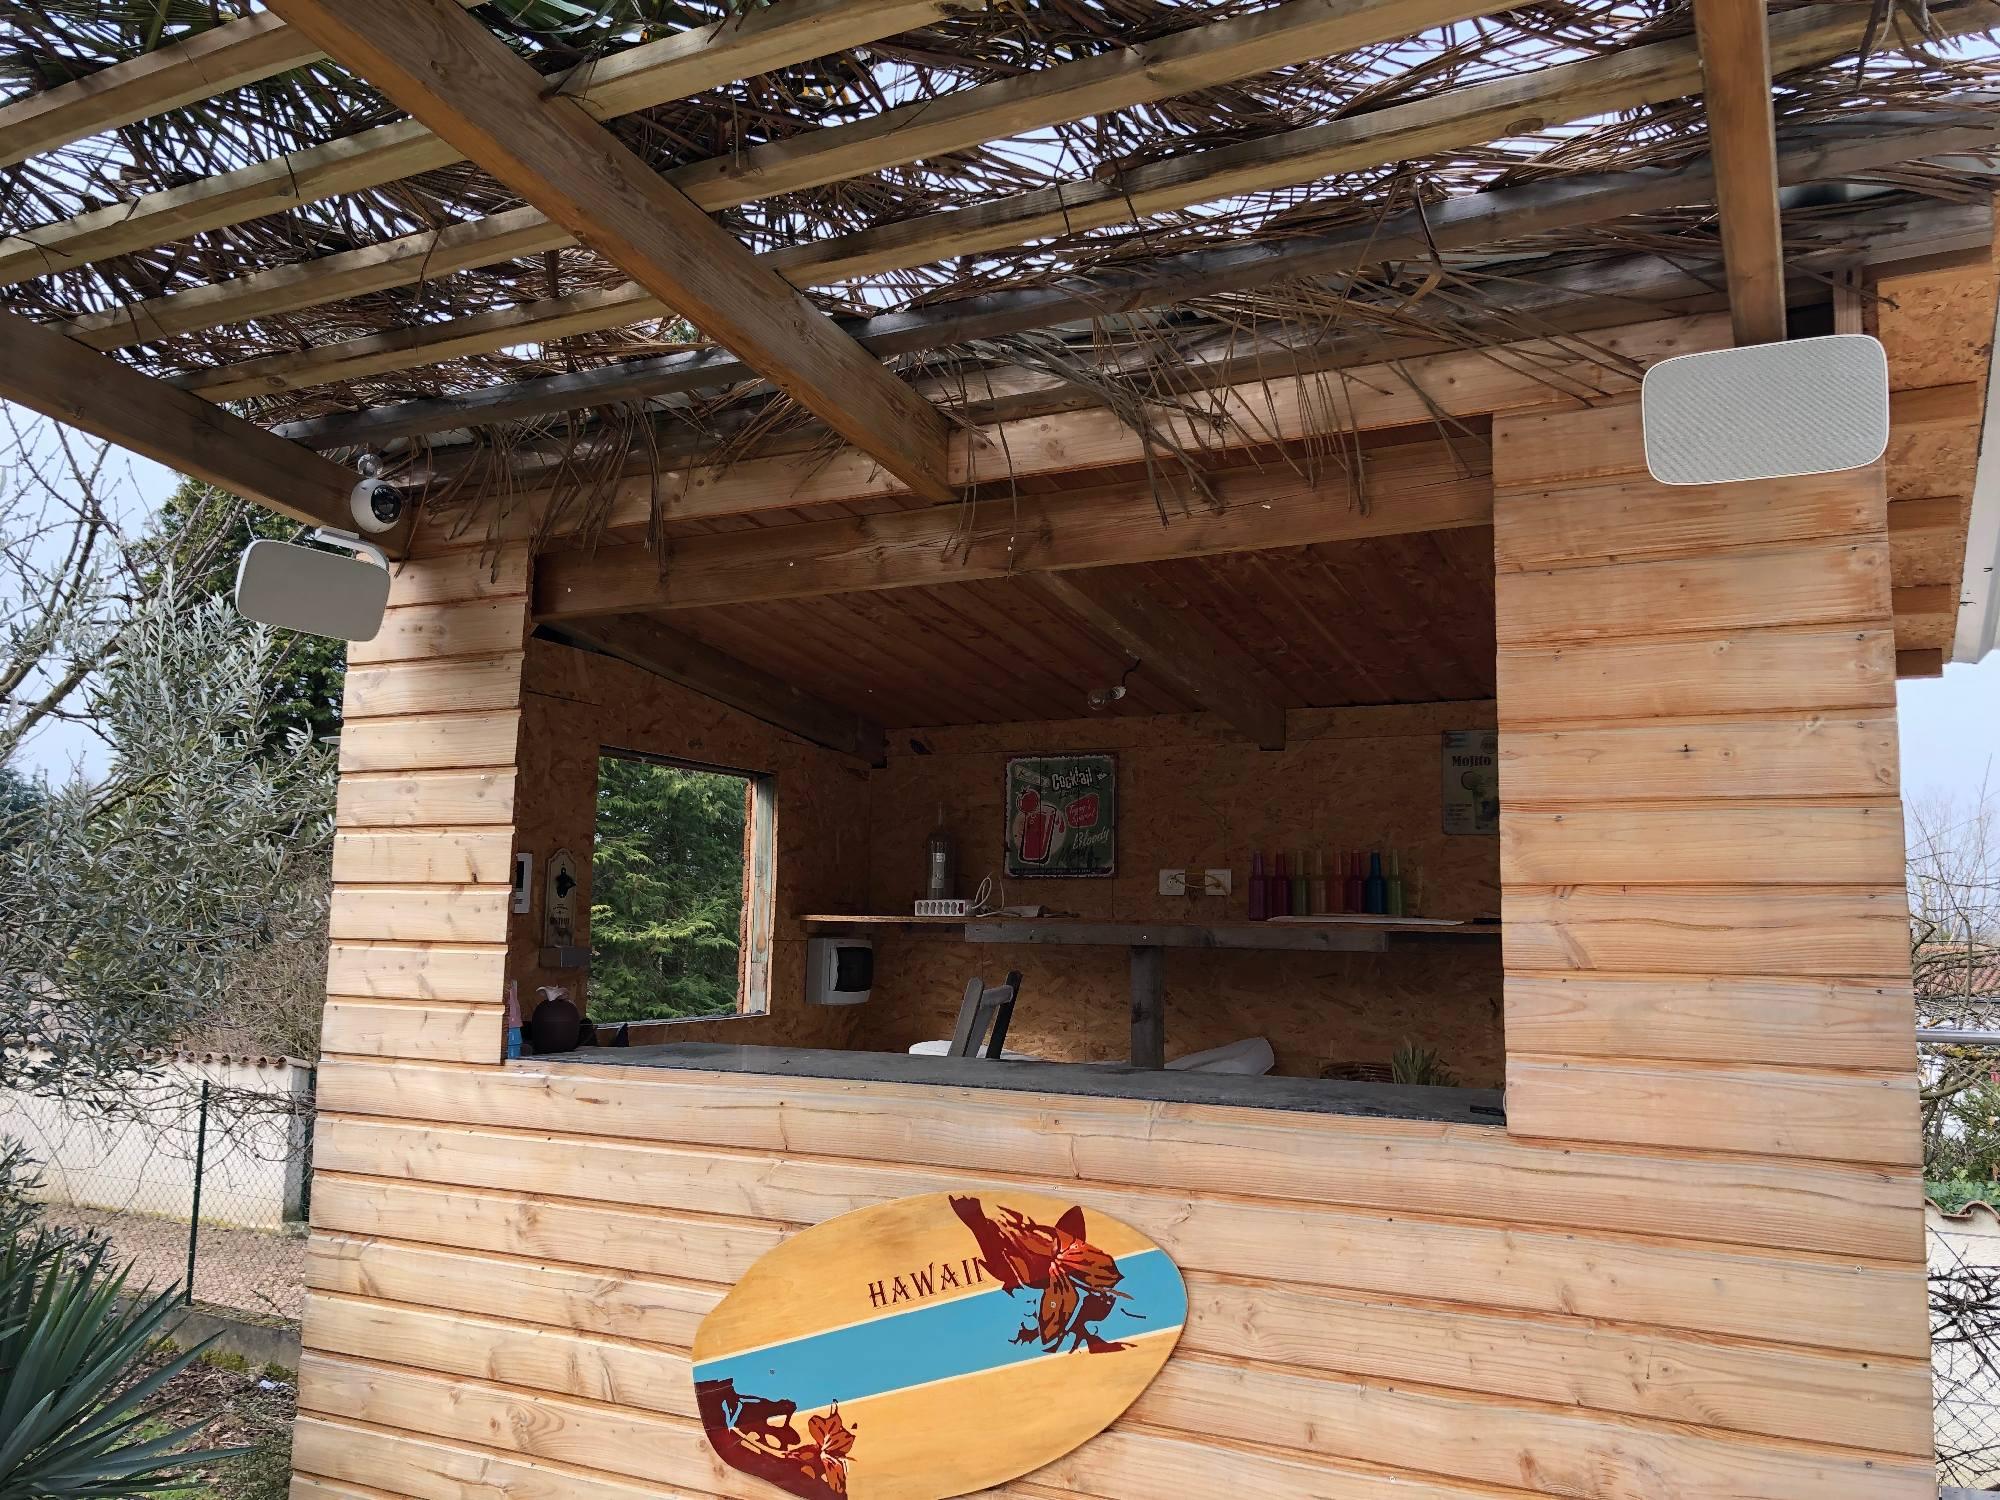 Installation Hifi à Montmerle sur saône, hauts parleurs extérieurs